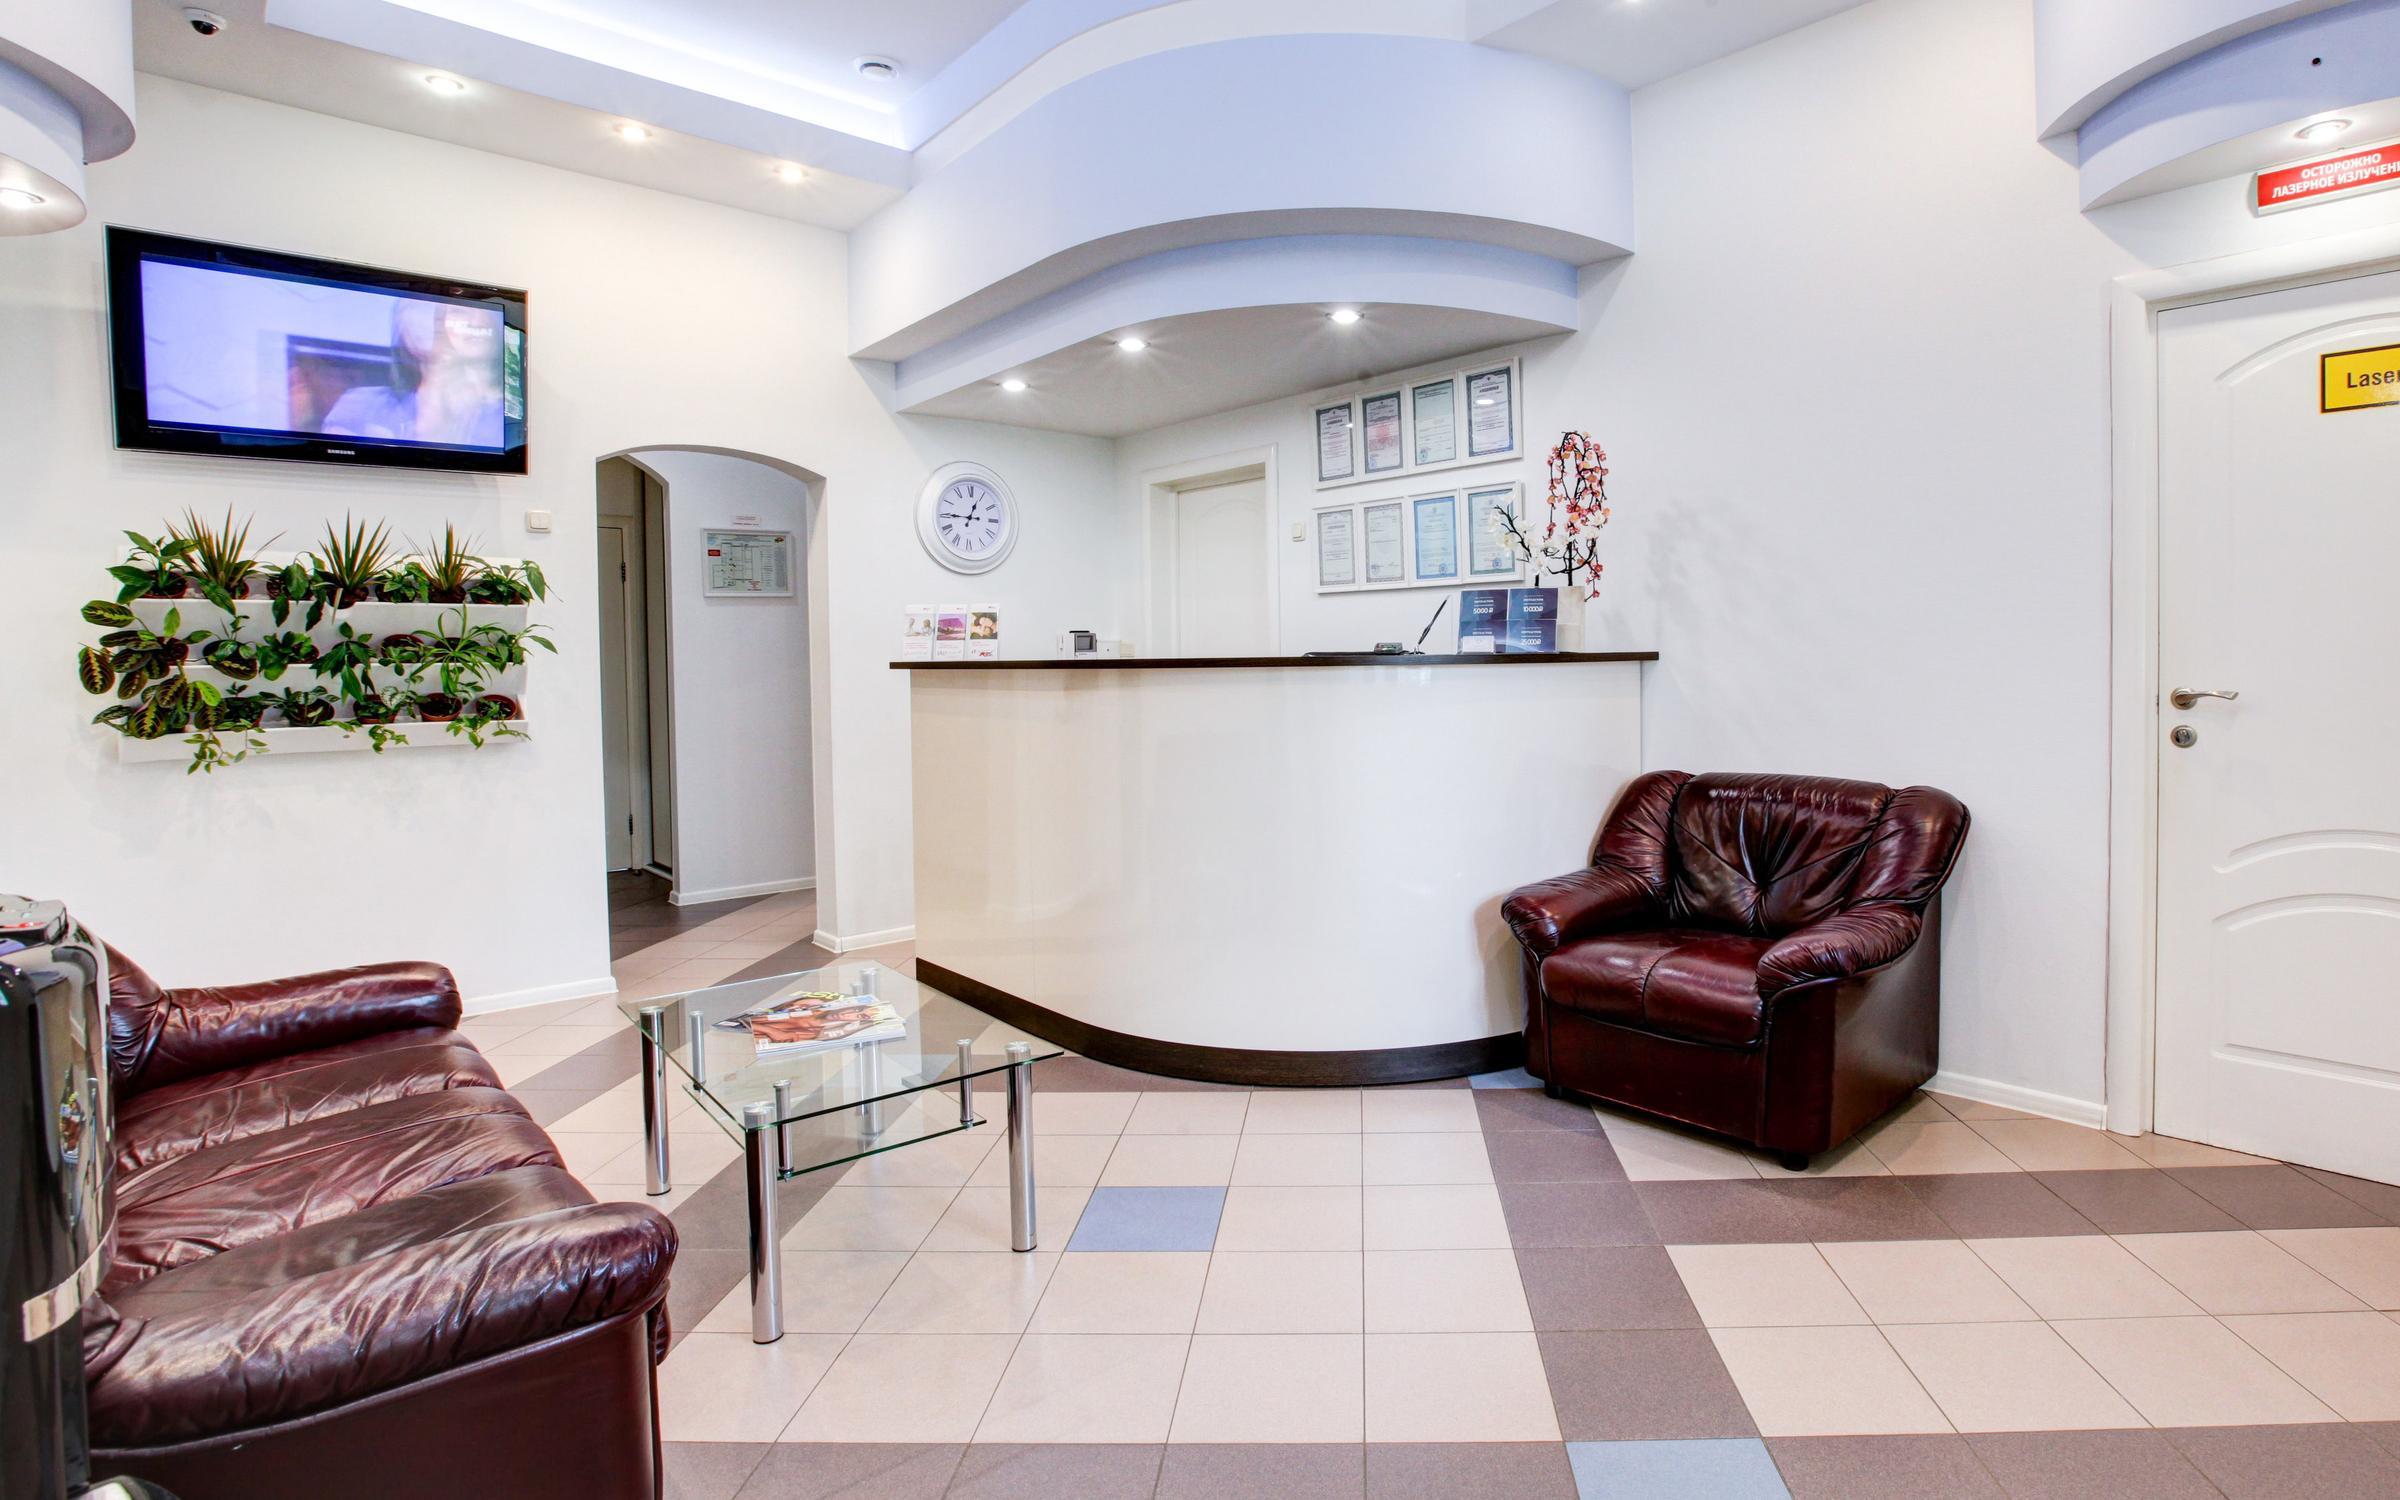 фотография Клиники лазерной стоматологии и косметологии ИНТЕЛСТОМ в Куркино